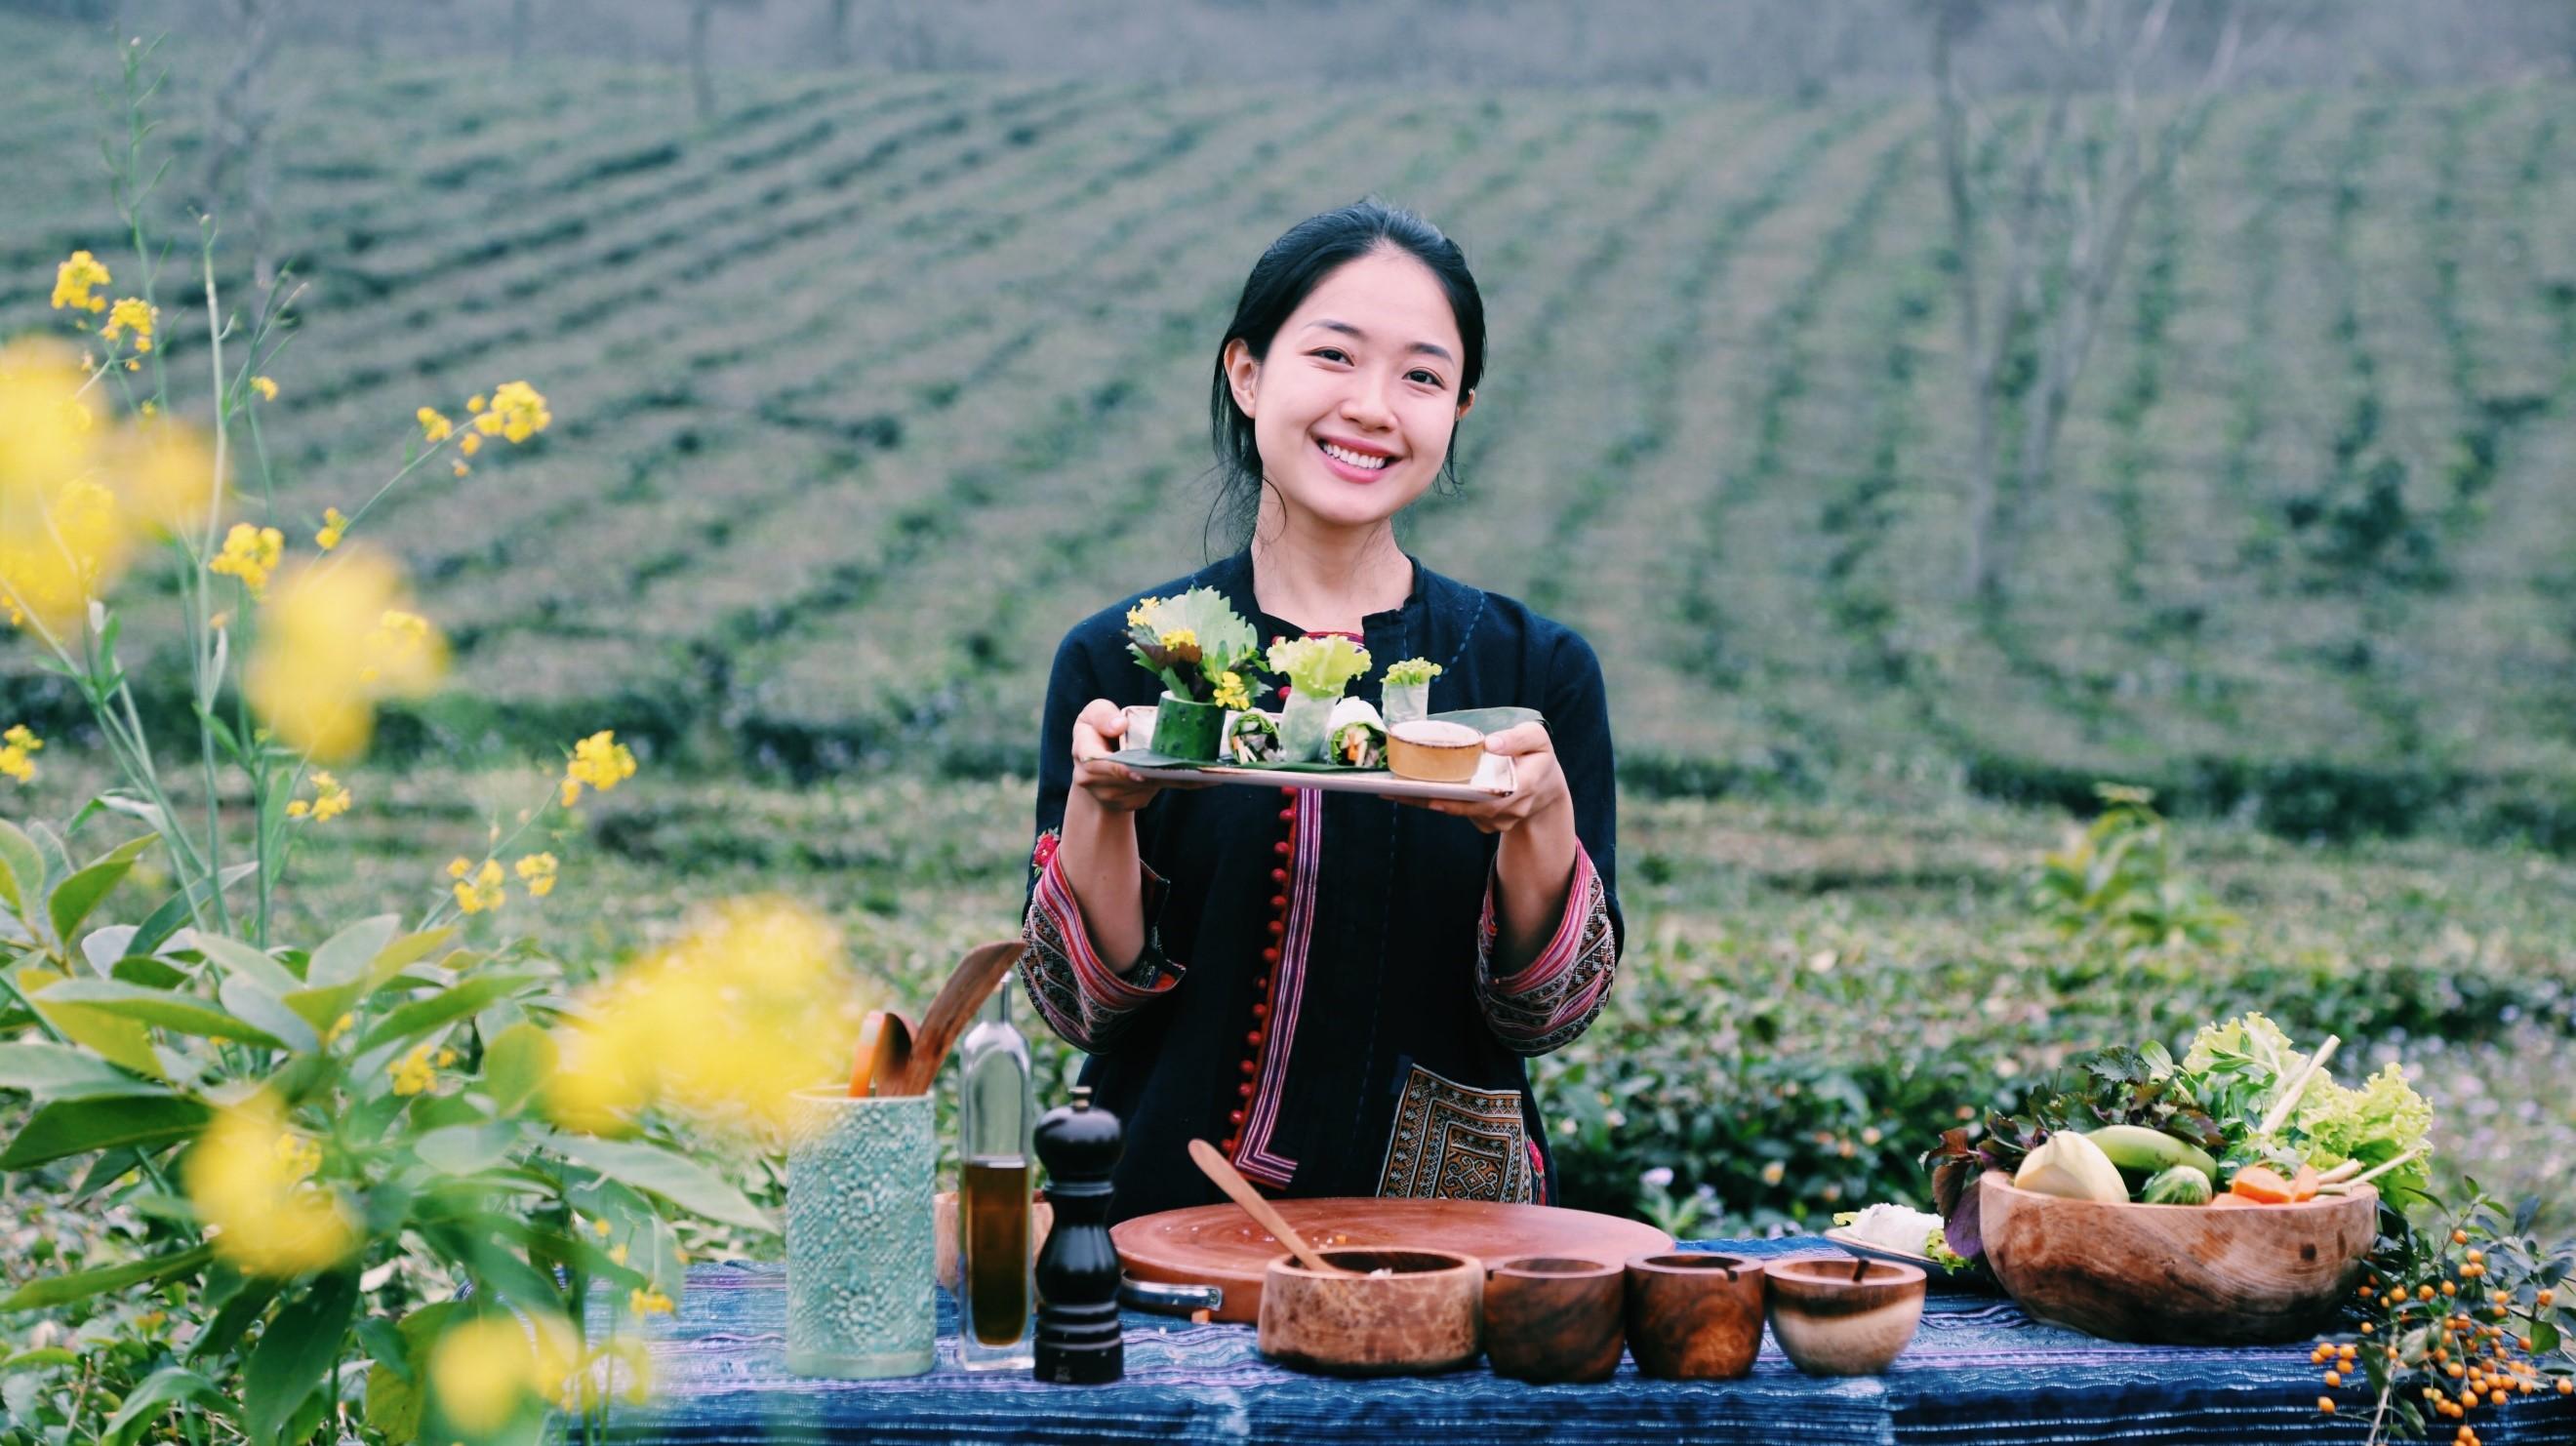 Nữ du học sinh người Việt tại Úc thực hiện kênh Youtube quảng bá du lịch và ẩm thực Việt Nam